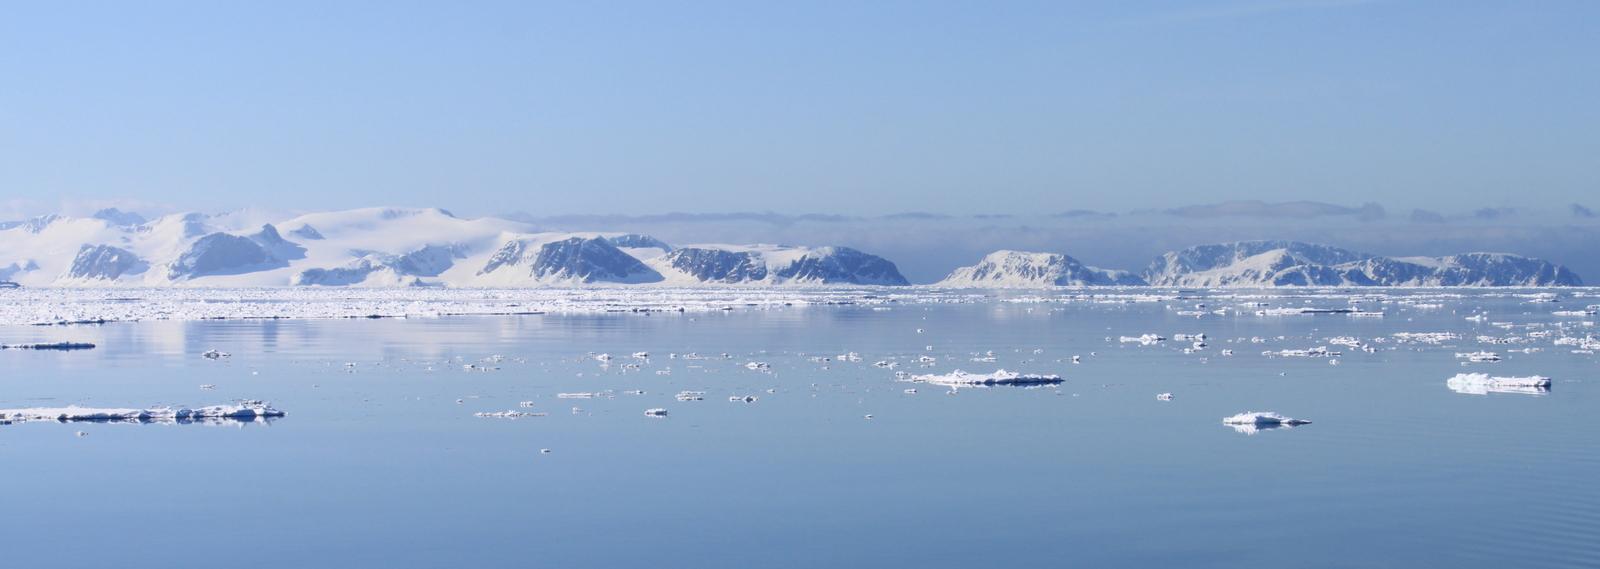 North Spitsbergen